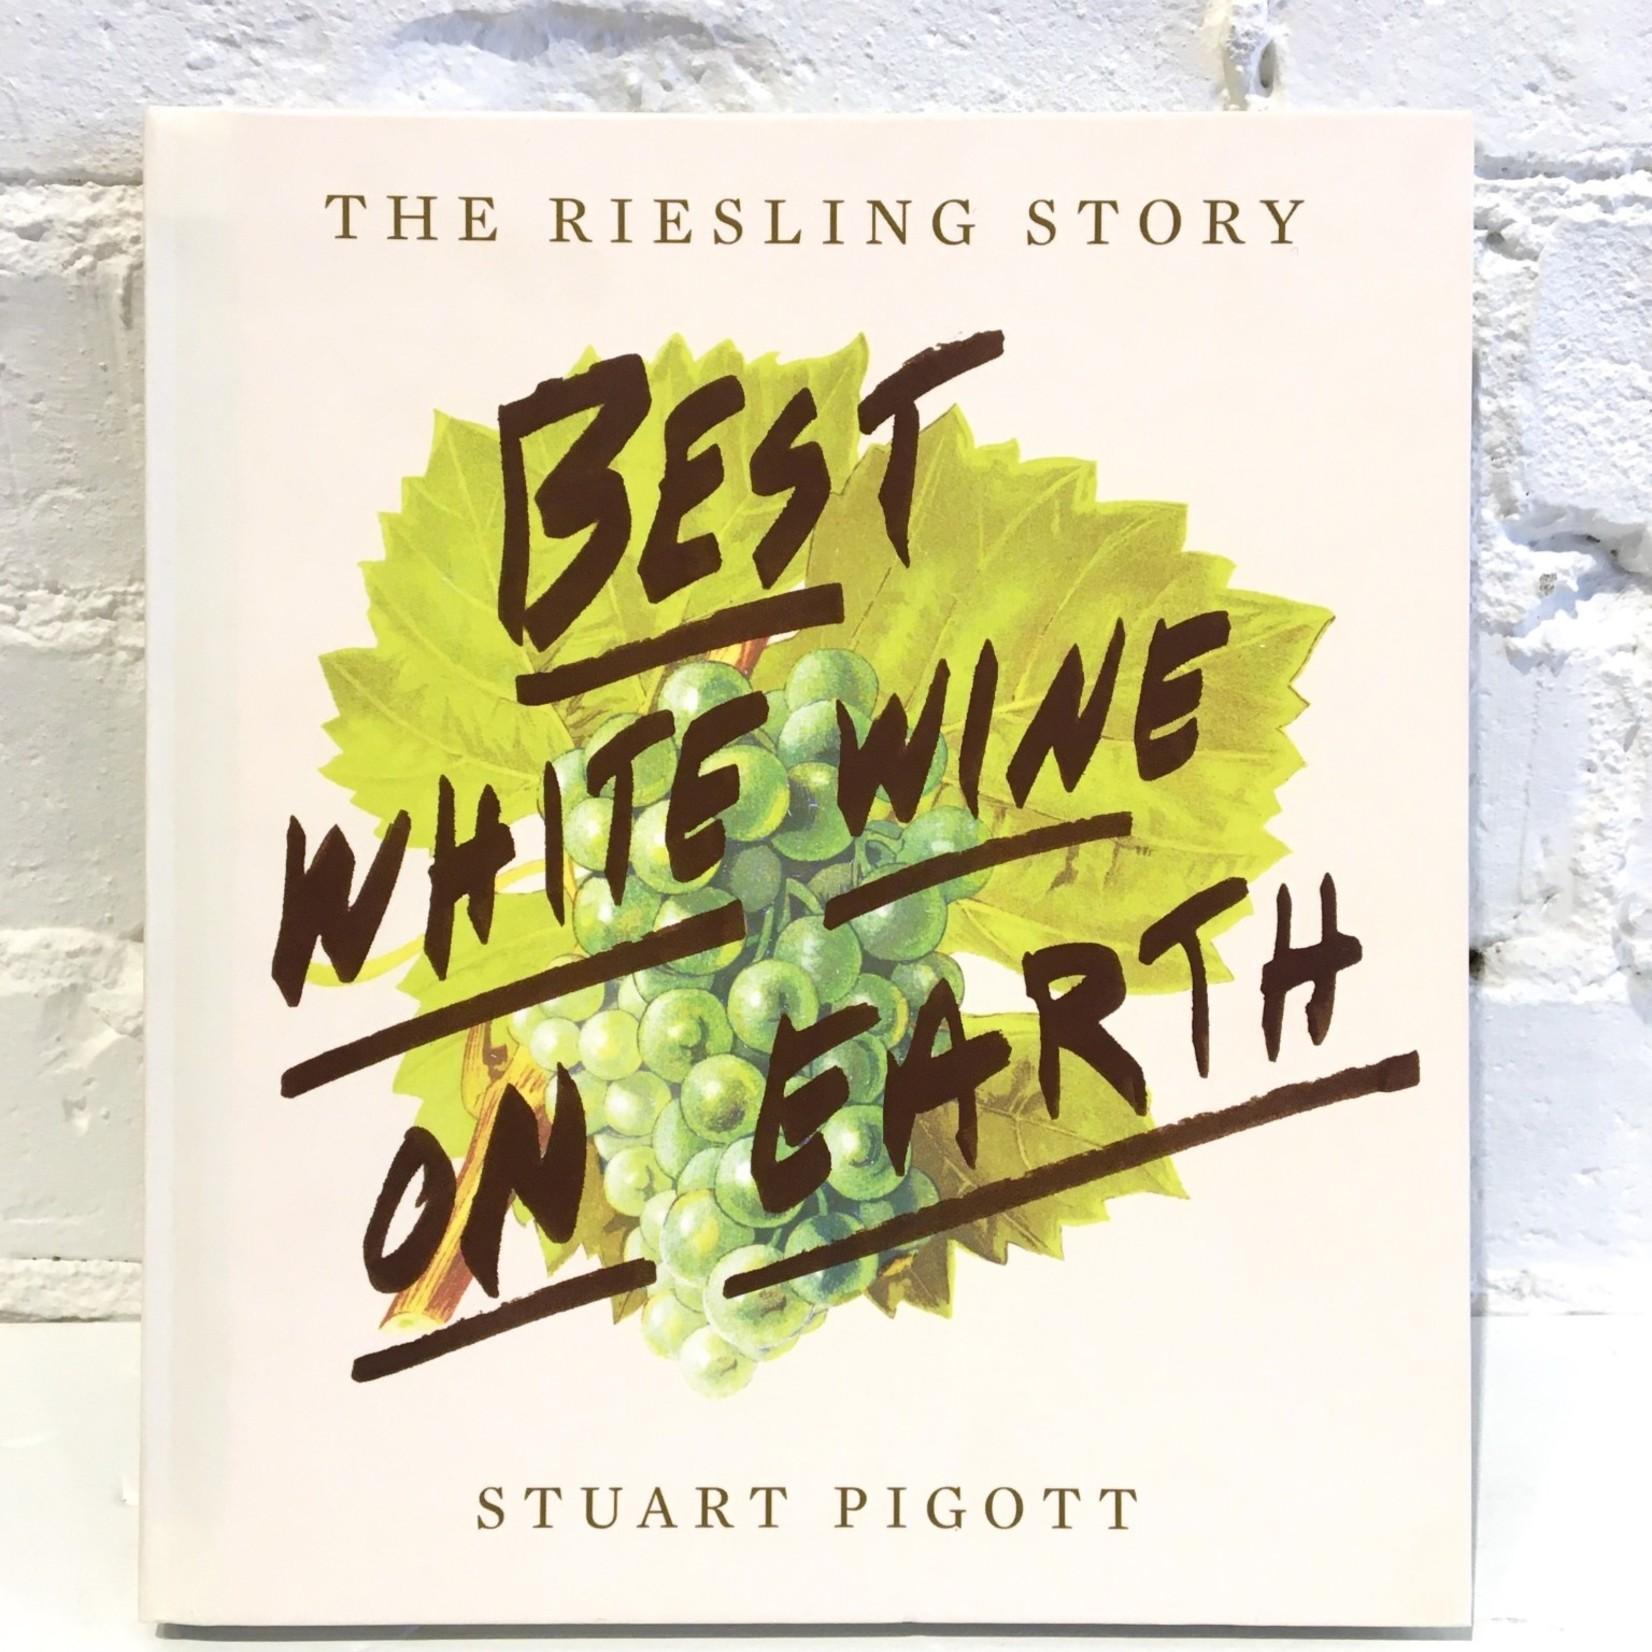 Best White Wine on Earth by Stuart Pigott